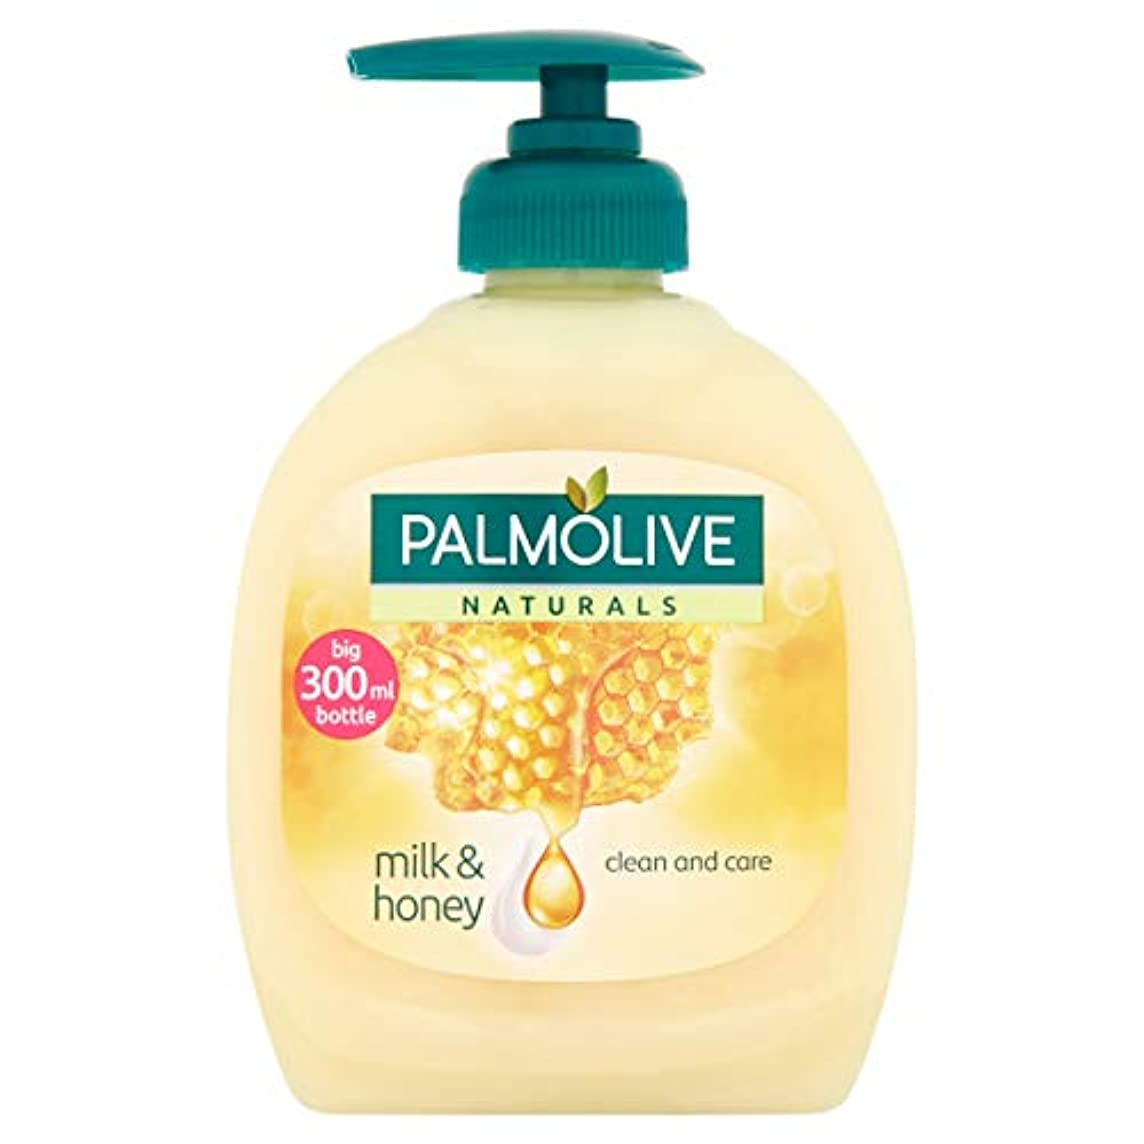 パドル禁止研磨Palmolive Naturals Milk & Honey Liquid Handwash by Palmolive